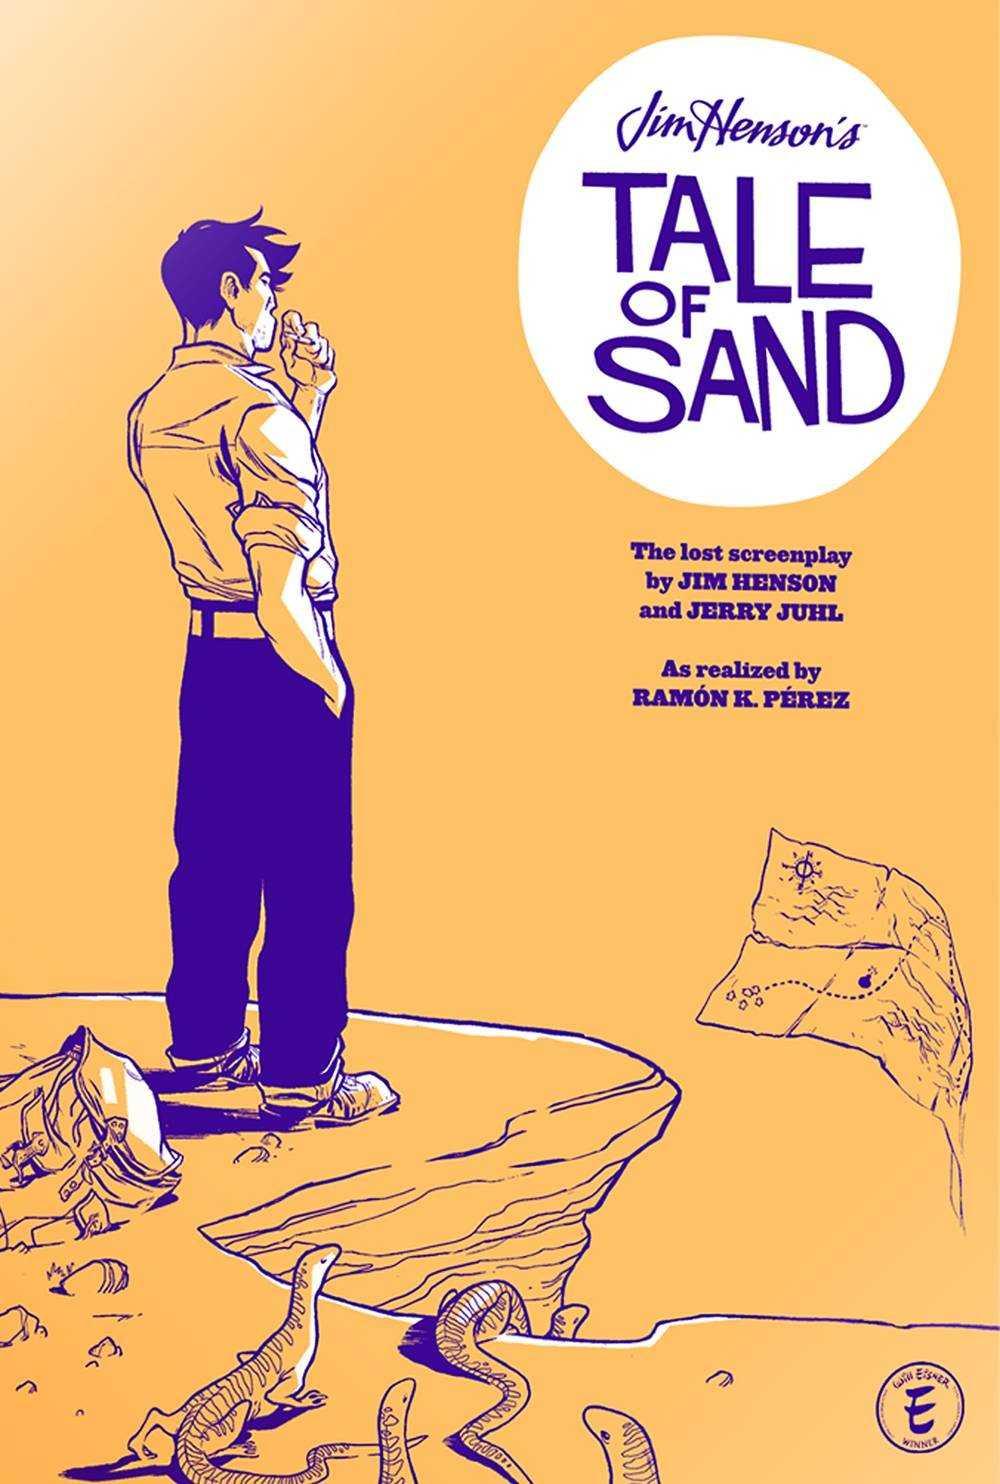 Tale of sand, le scénario retrouvé de Jim Henson créateur des Muppets